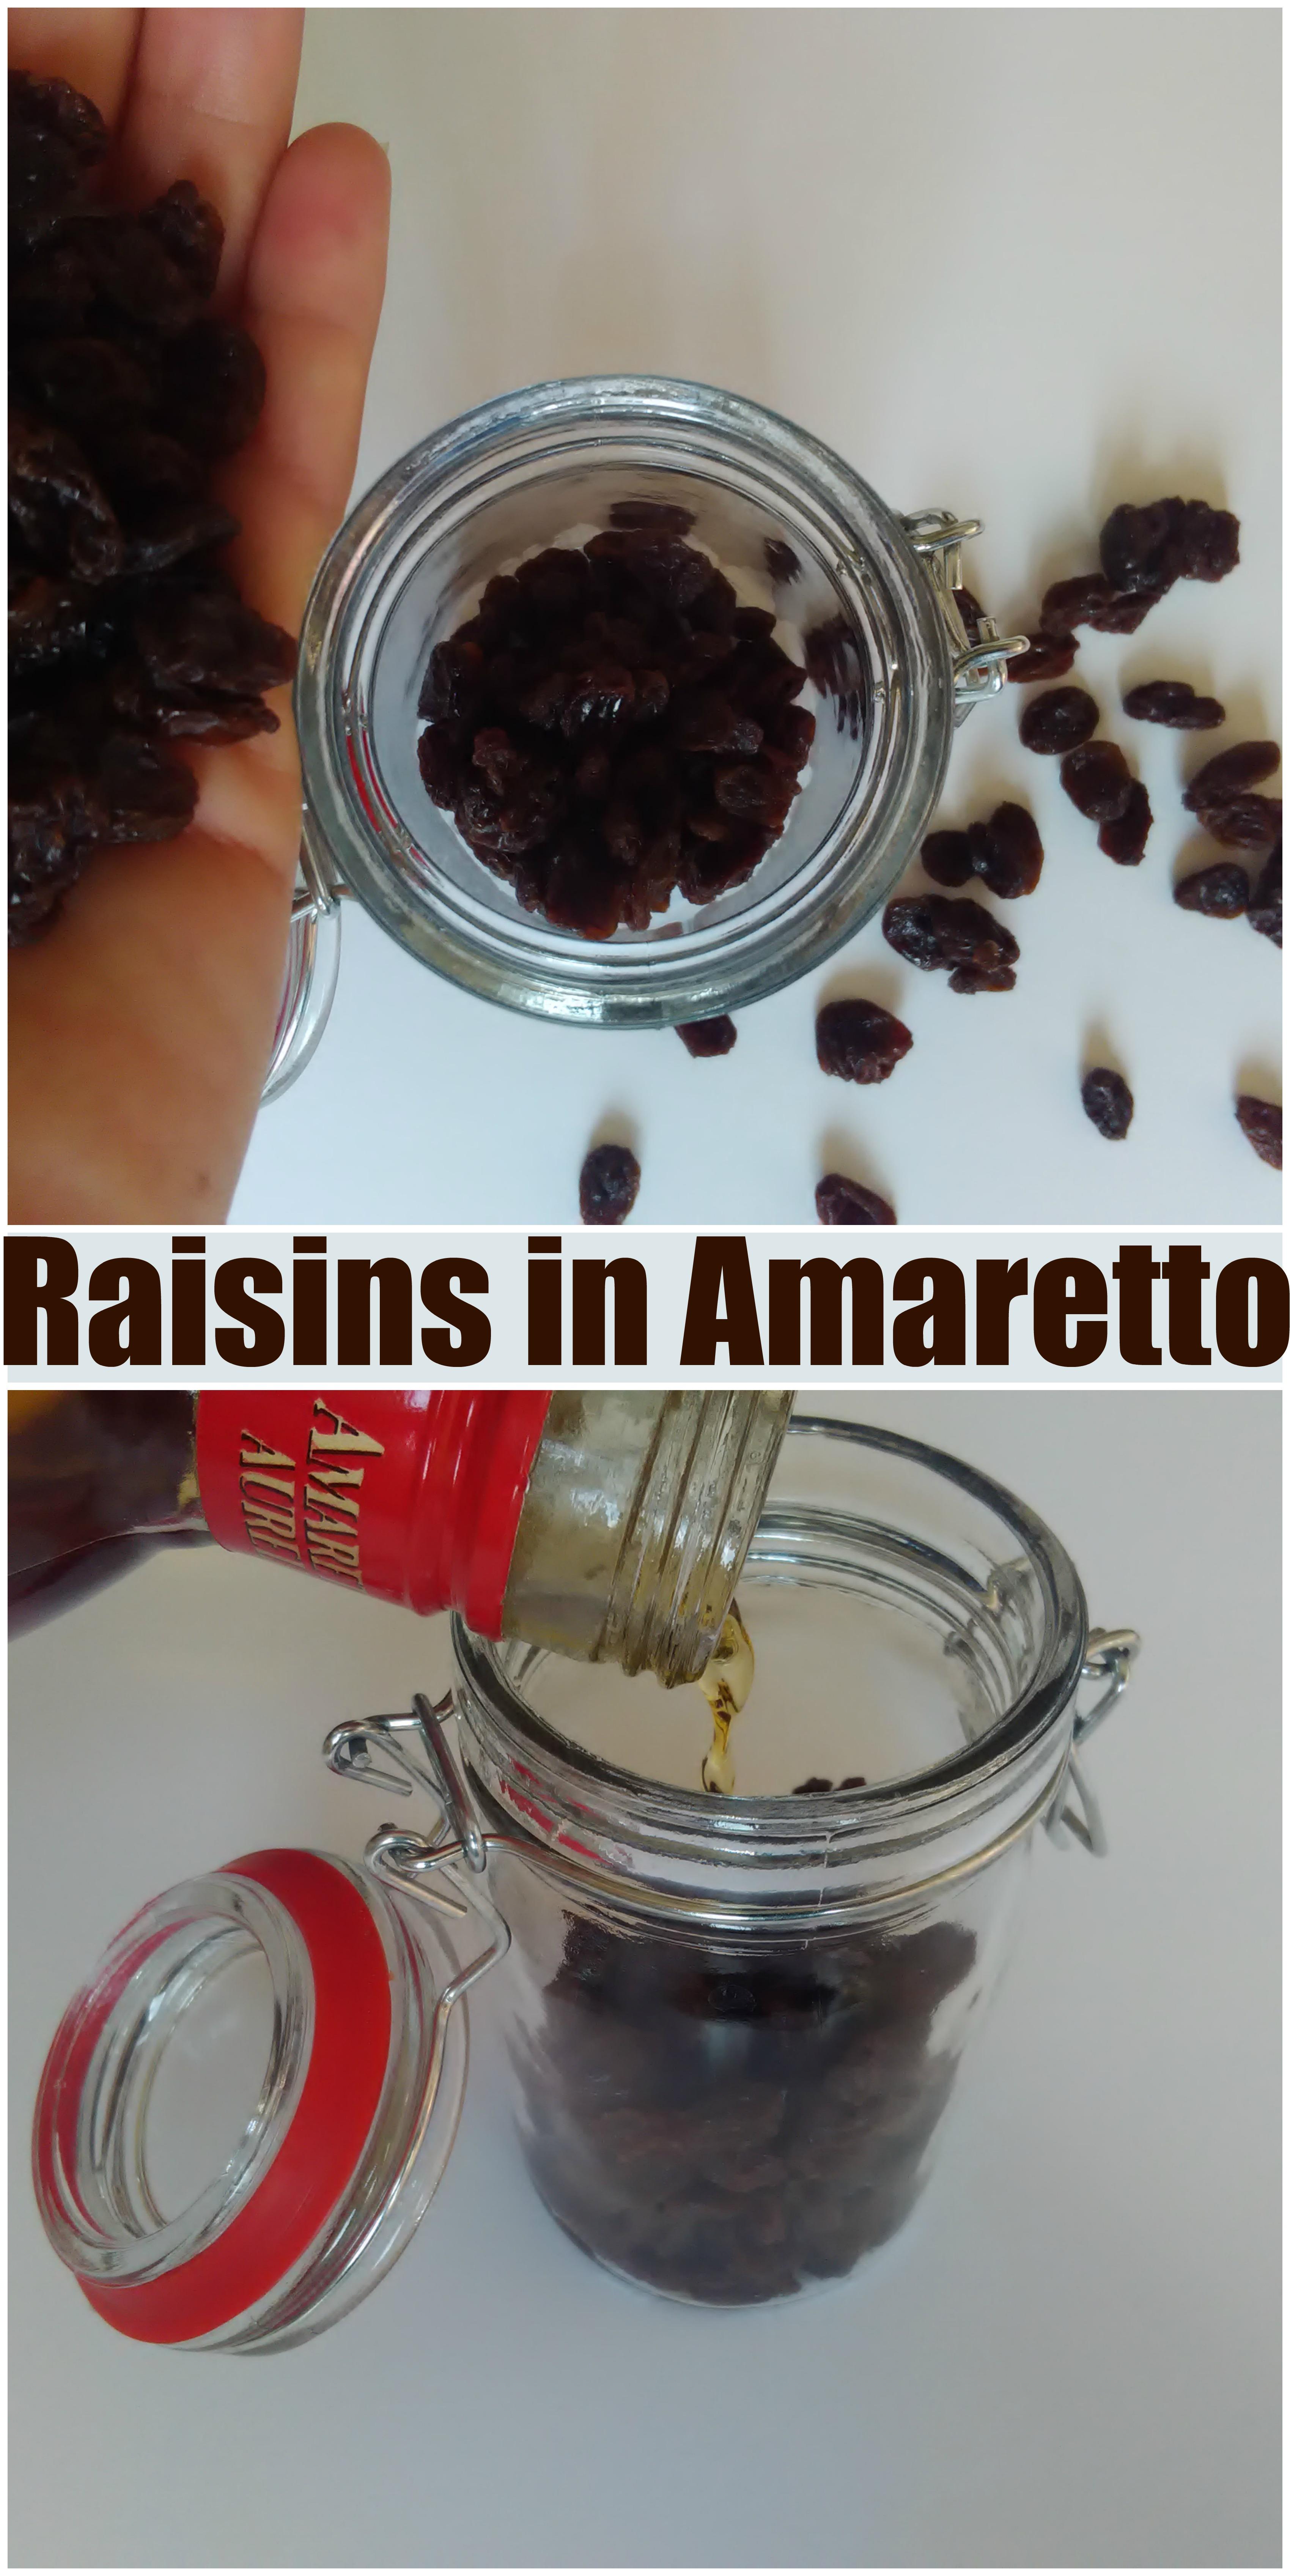 Raisins in Amaretto